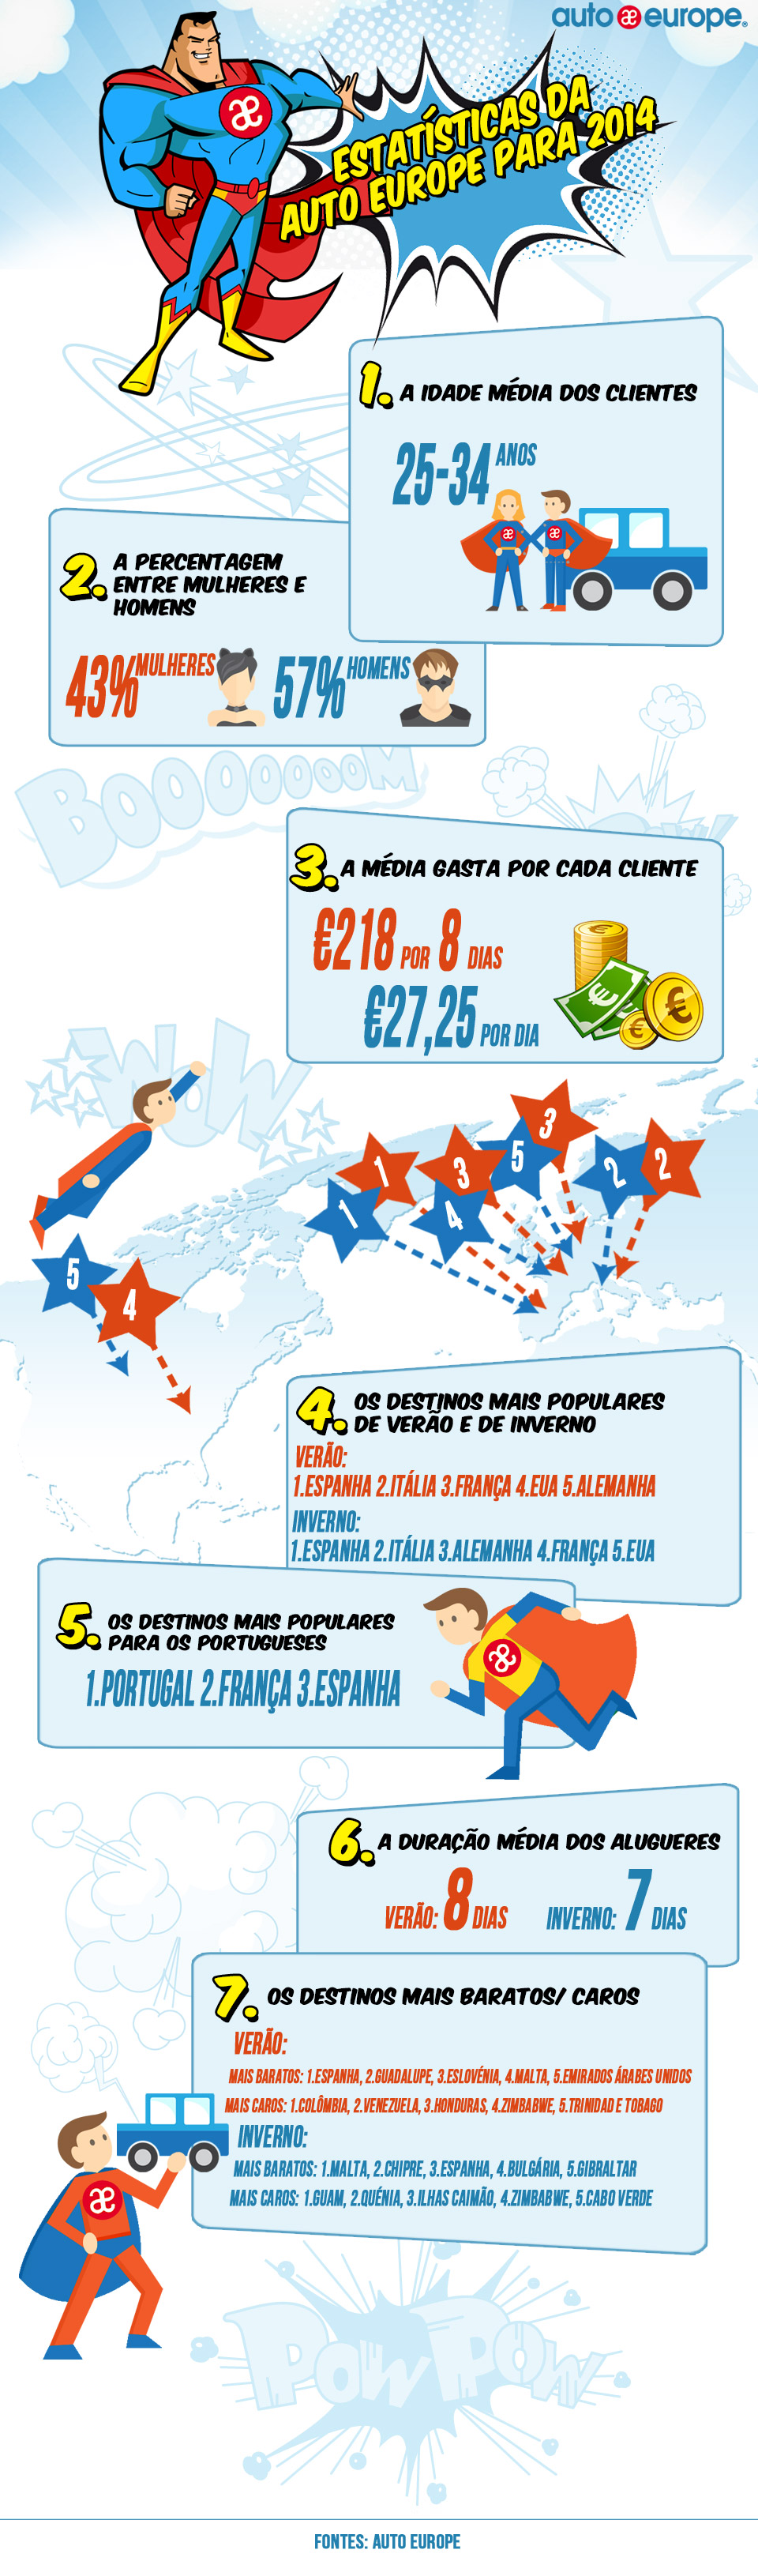 Infográfico: Estatísticas da Auto Europe para 2014